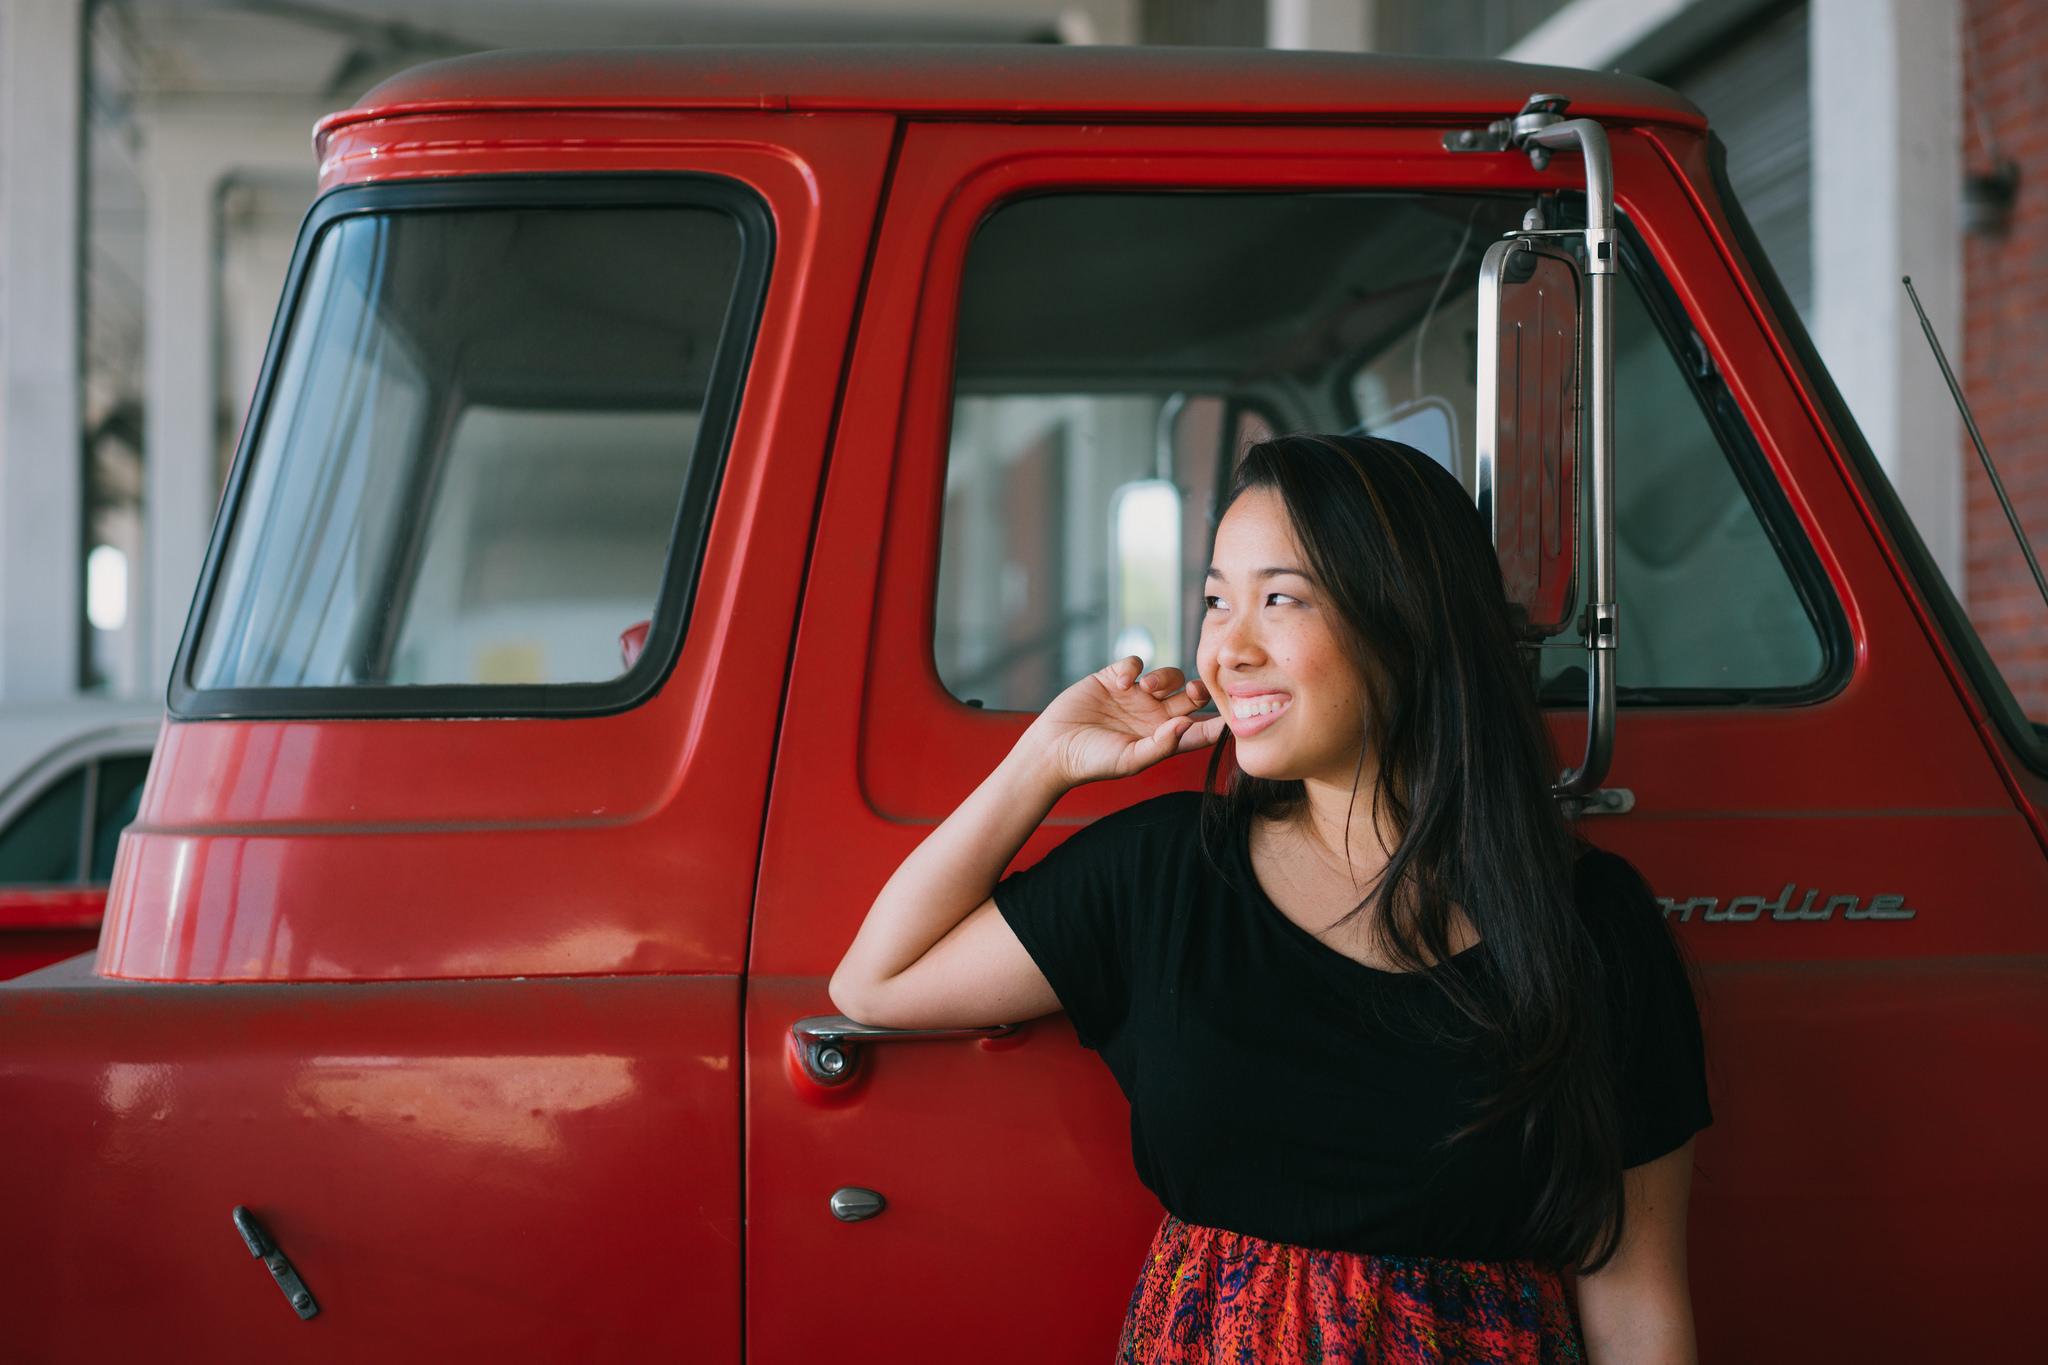 meetup-red-truck.jpg